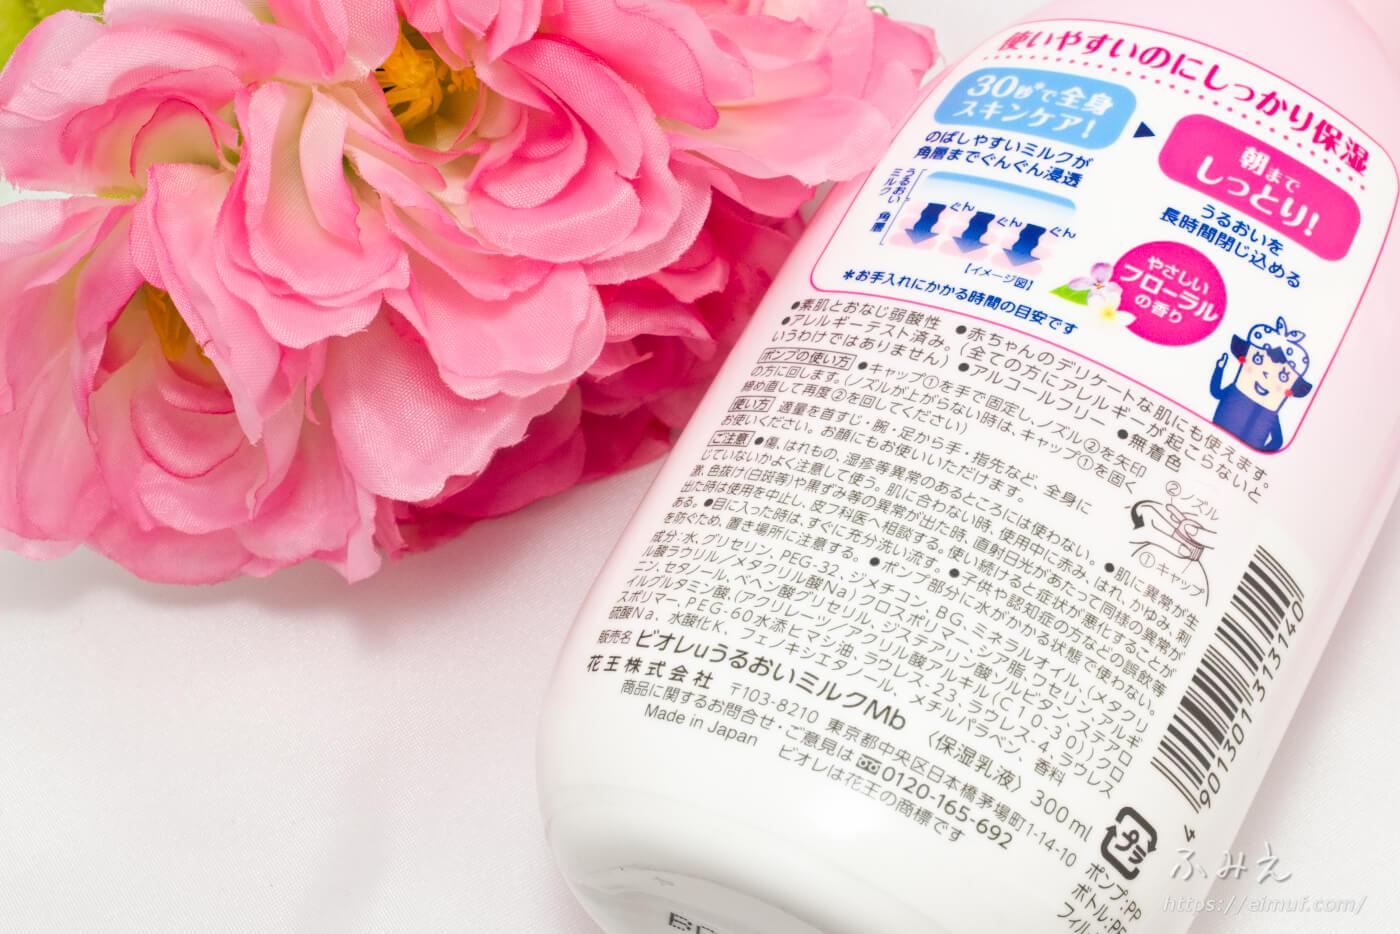 ビオレu 角層まで浸透する うるおいミルク(やさしいフローラルの香り) 本体裏面